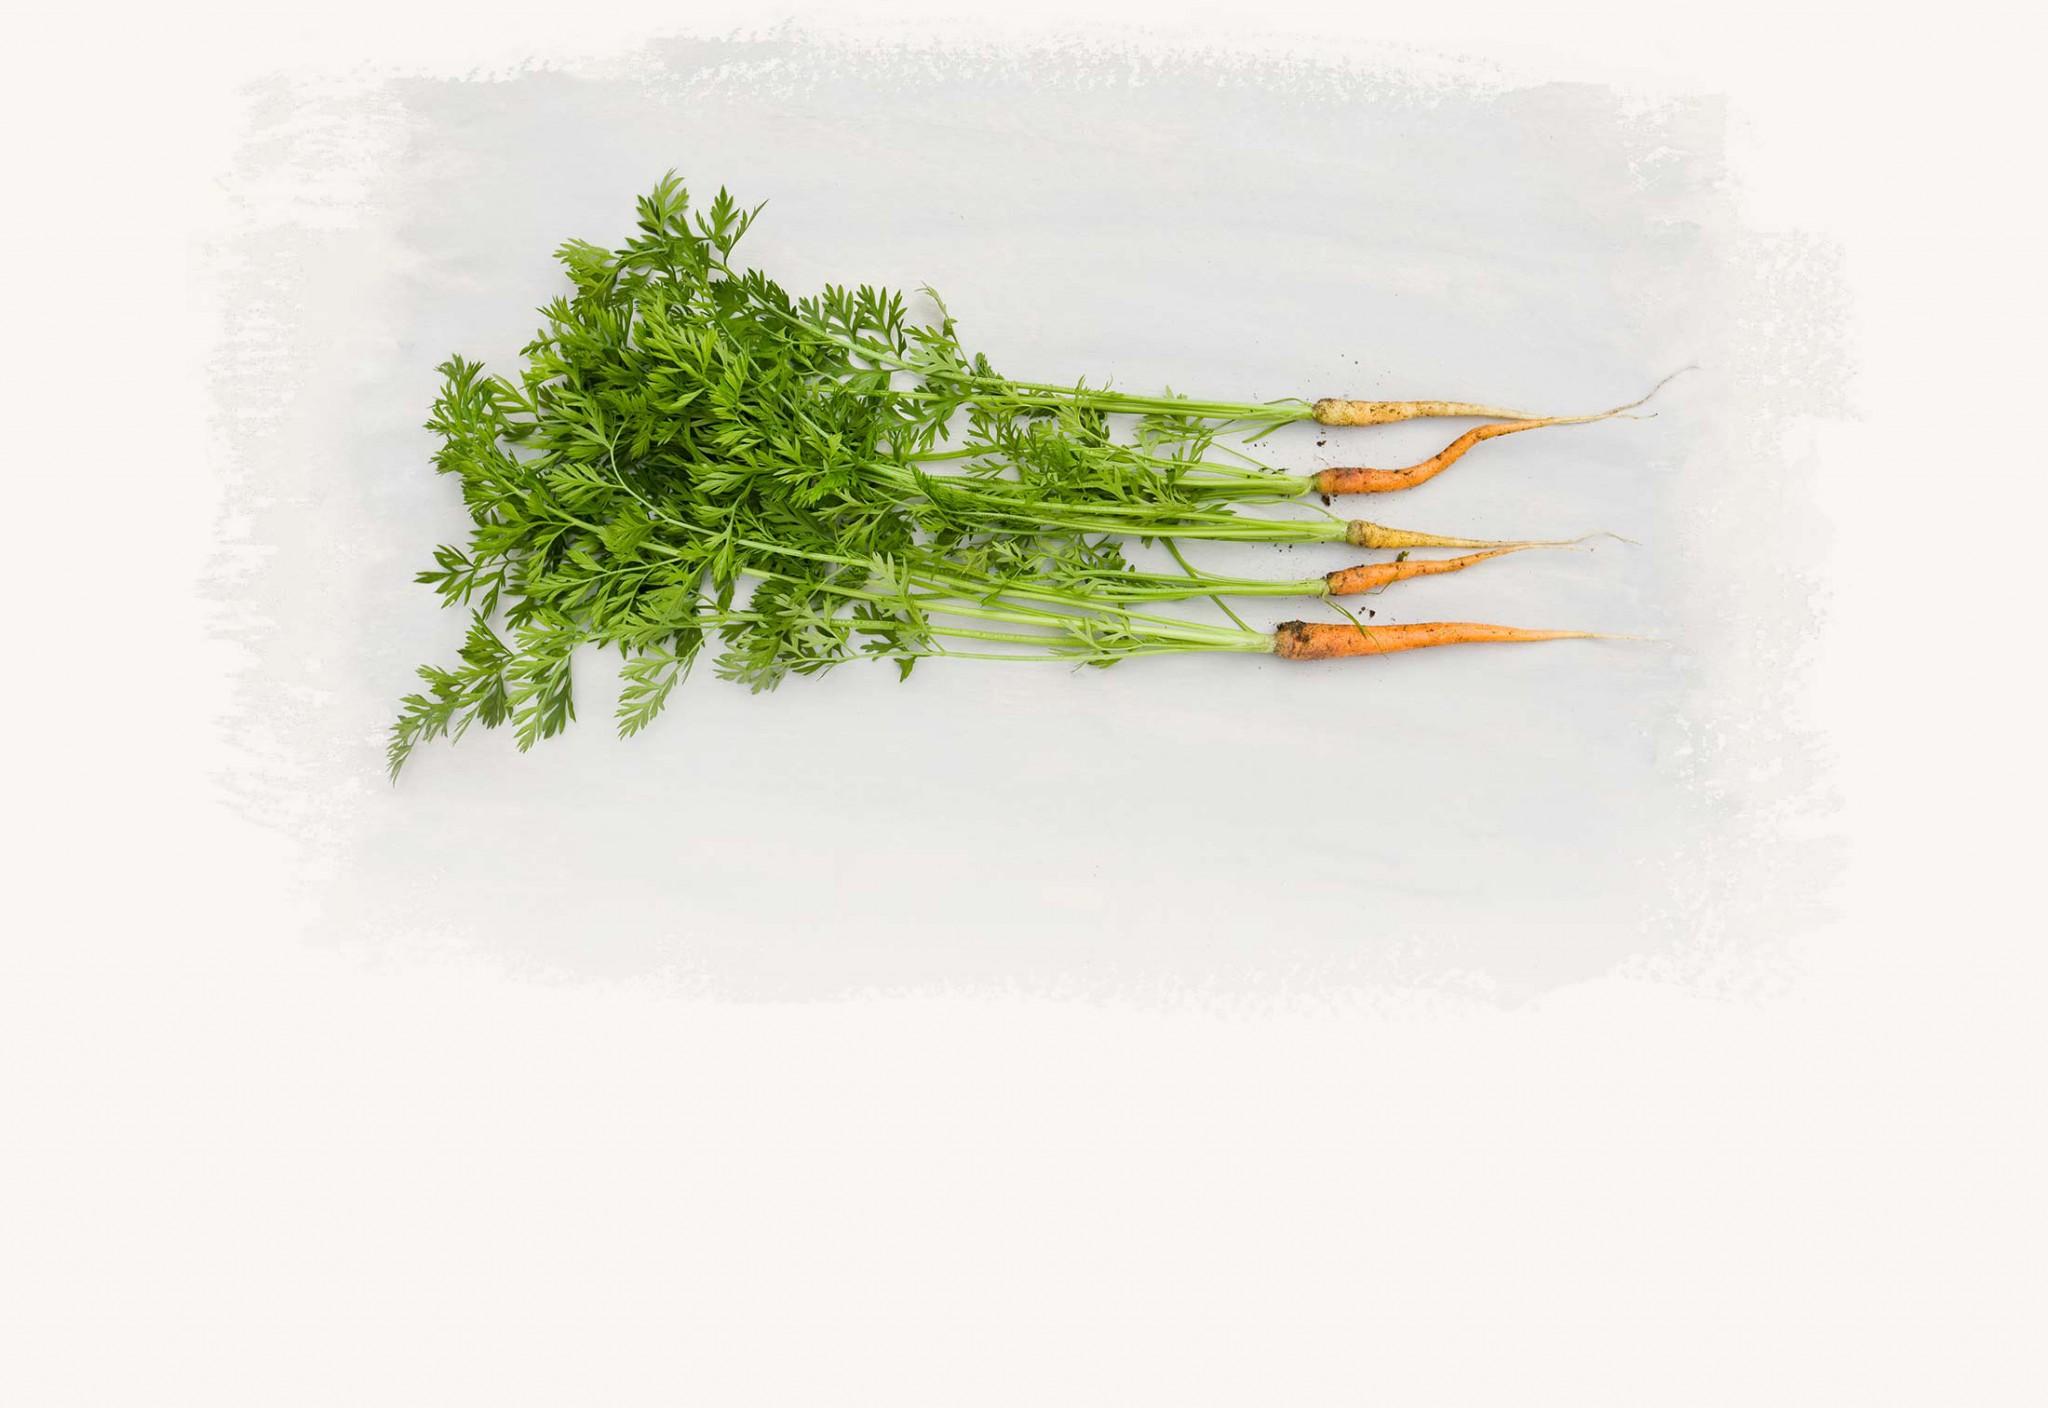 gro – slå rot – spira – växa – expandera – frodas – bli större